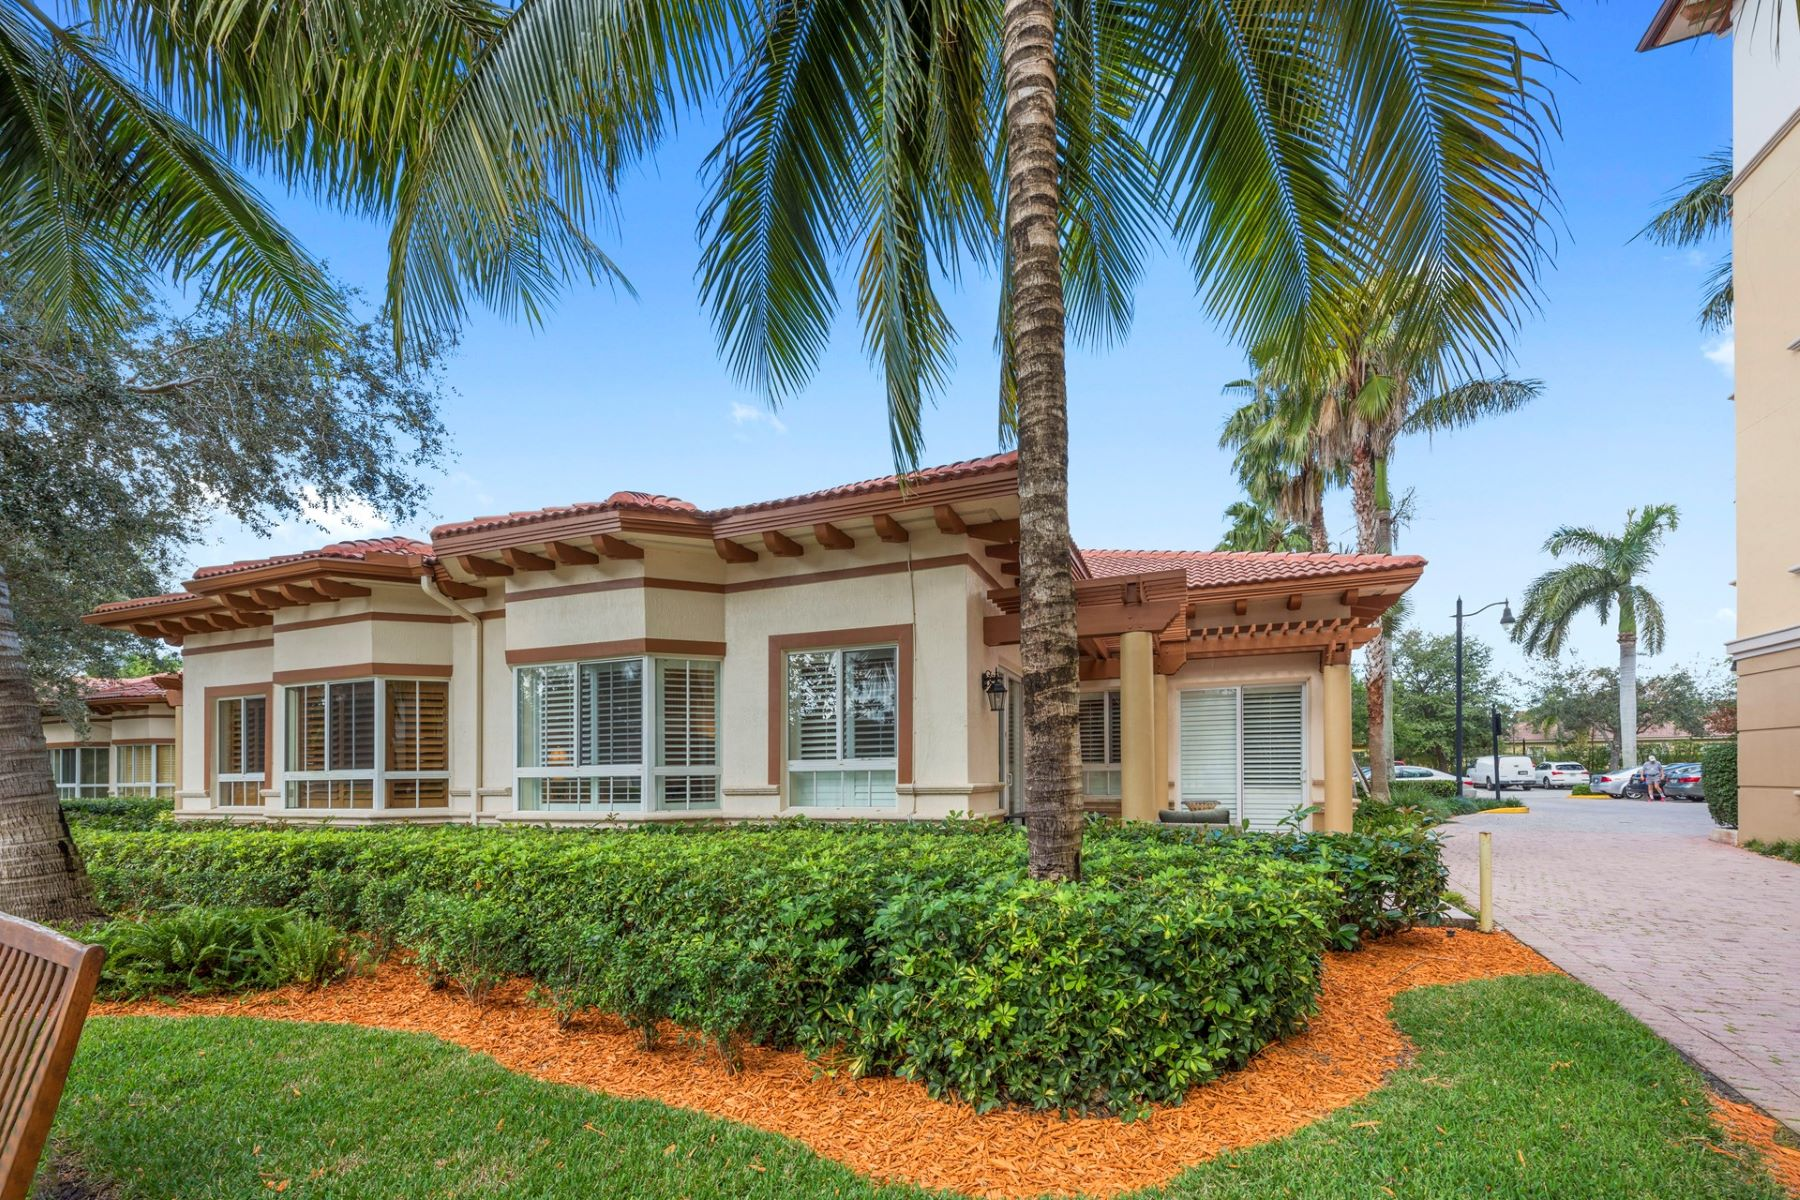 واحد منزل الأسرة للـ Sale في 16133 Emerald Estates Dr Weston, Florida, 33331 United States